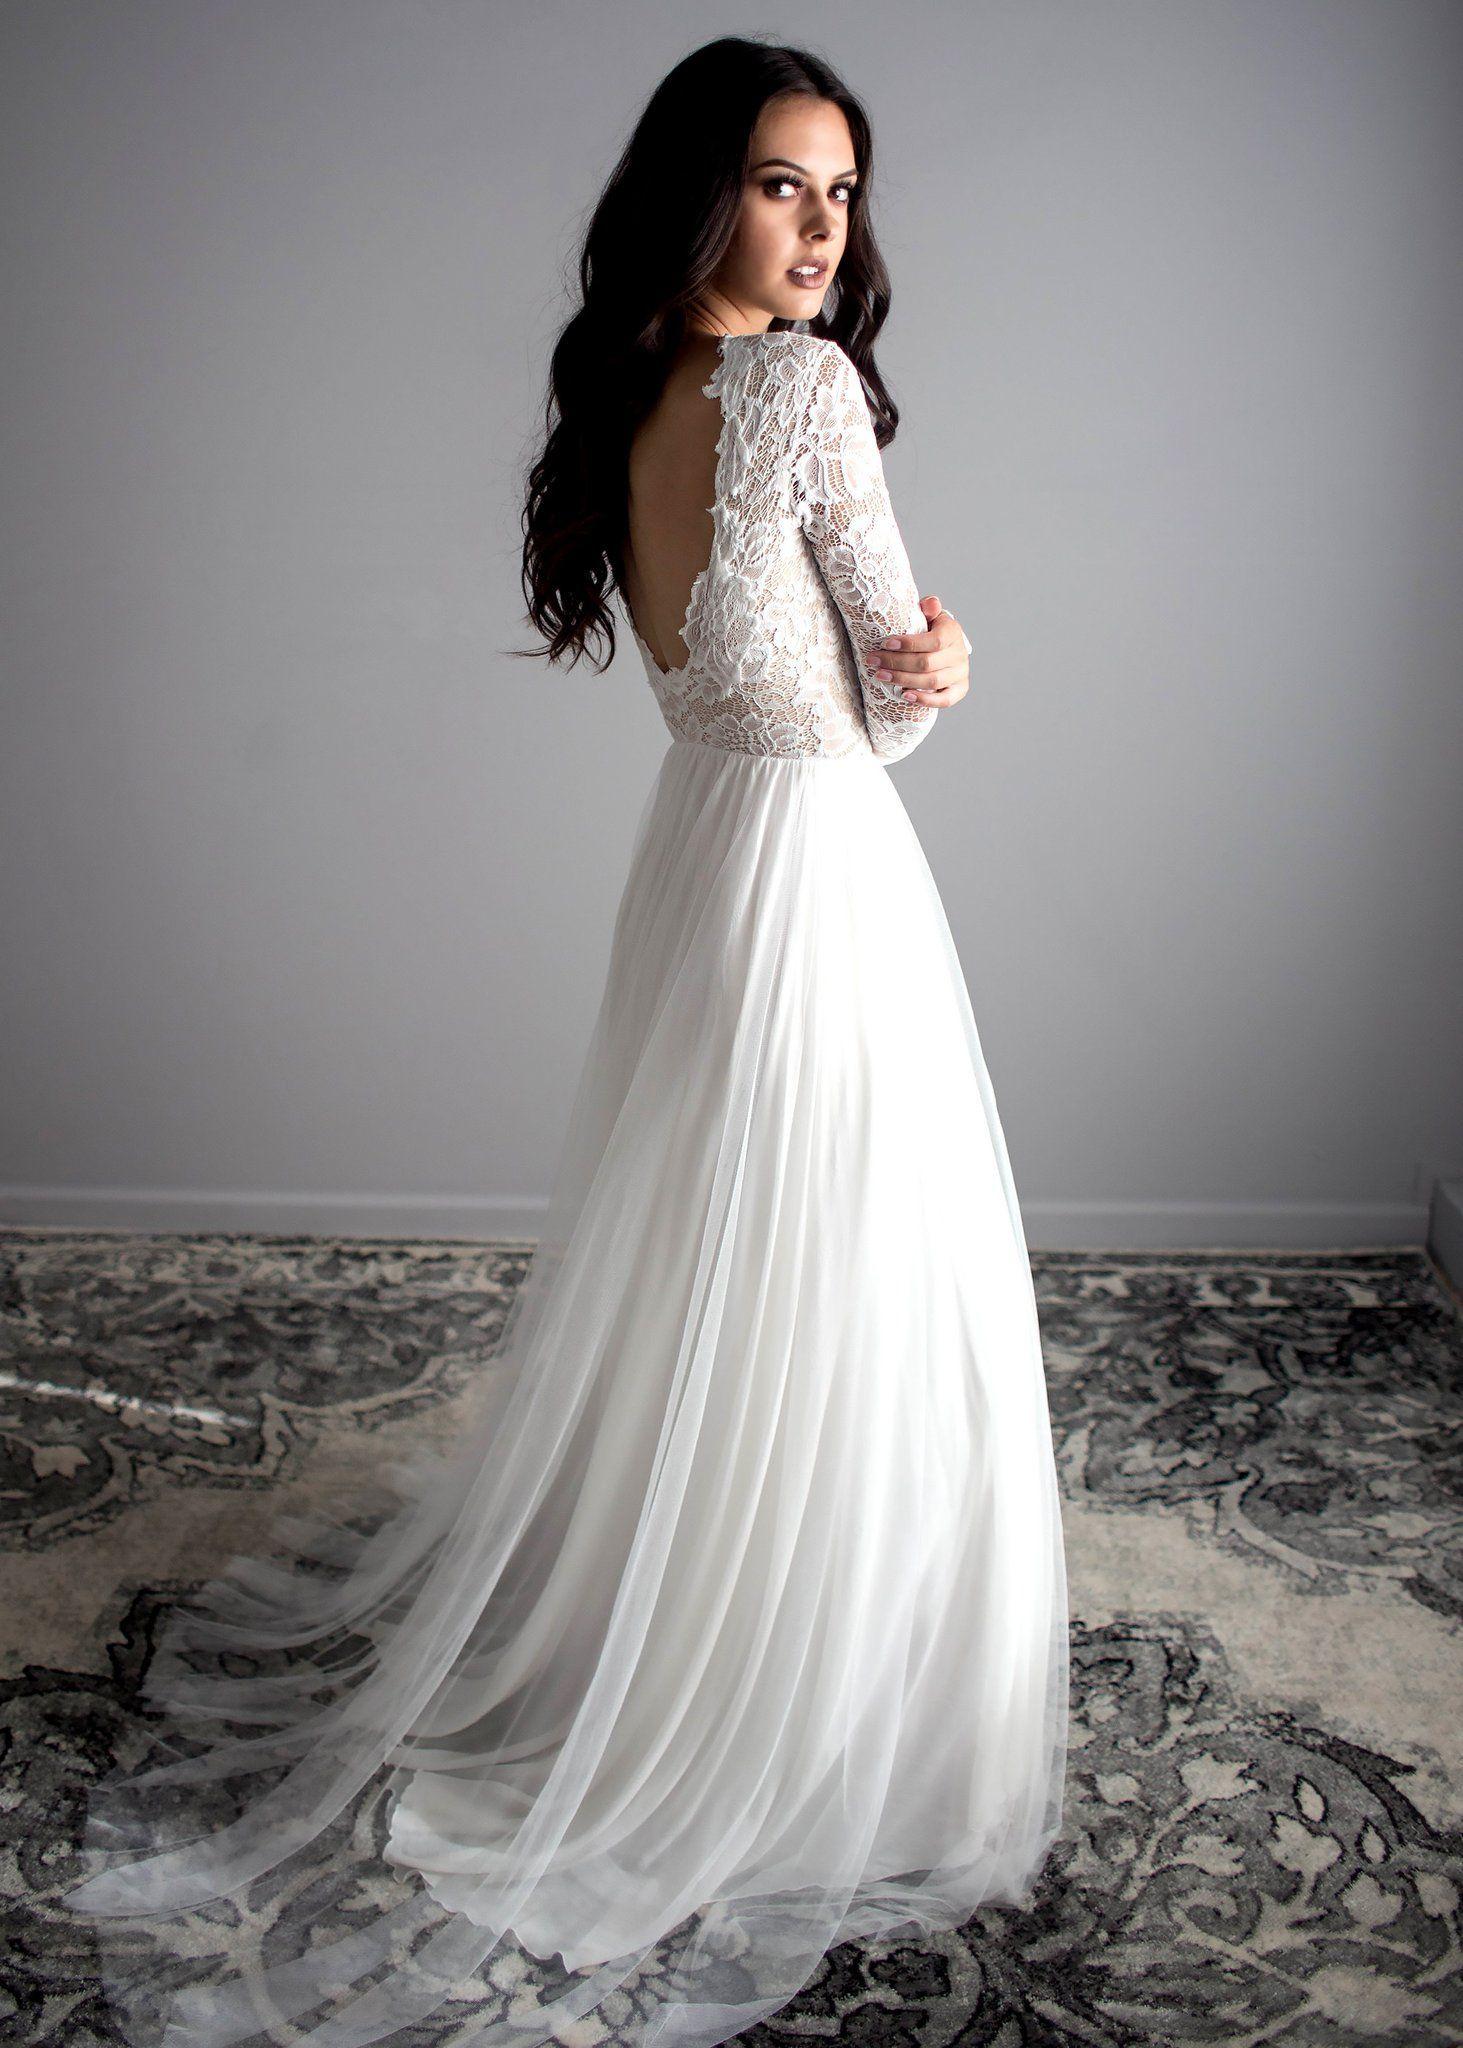 Zoey ScoopBack Dress weddingdress Wedding Dress in